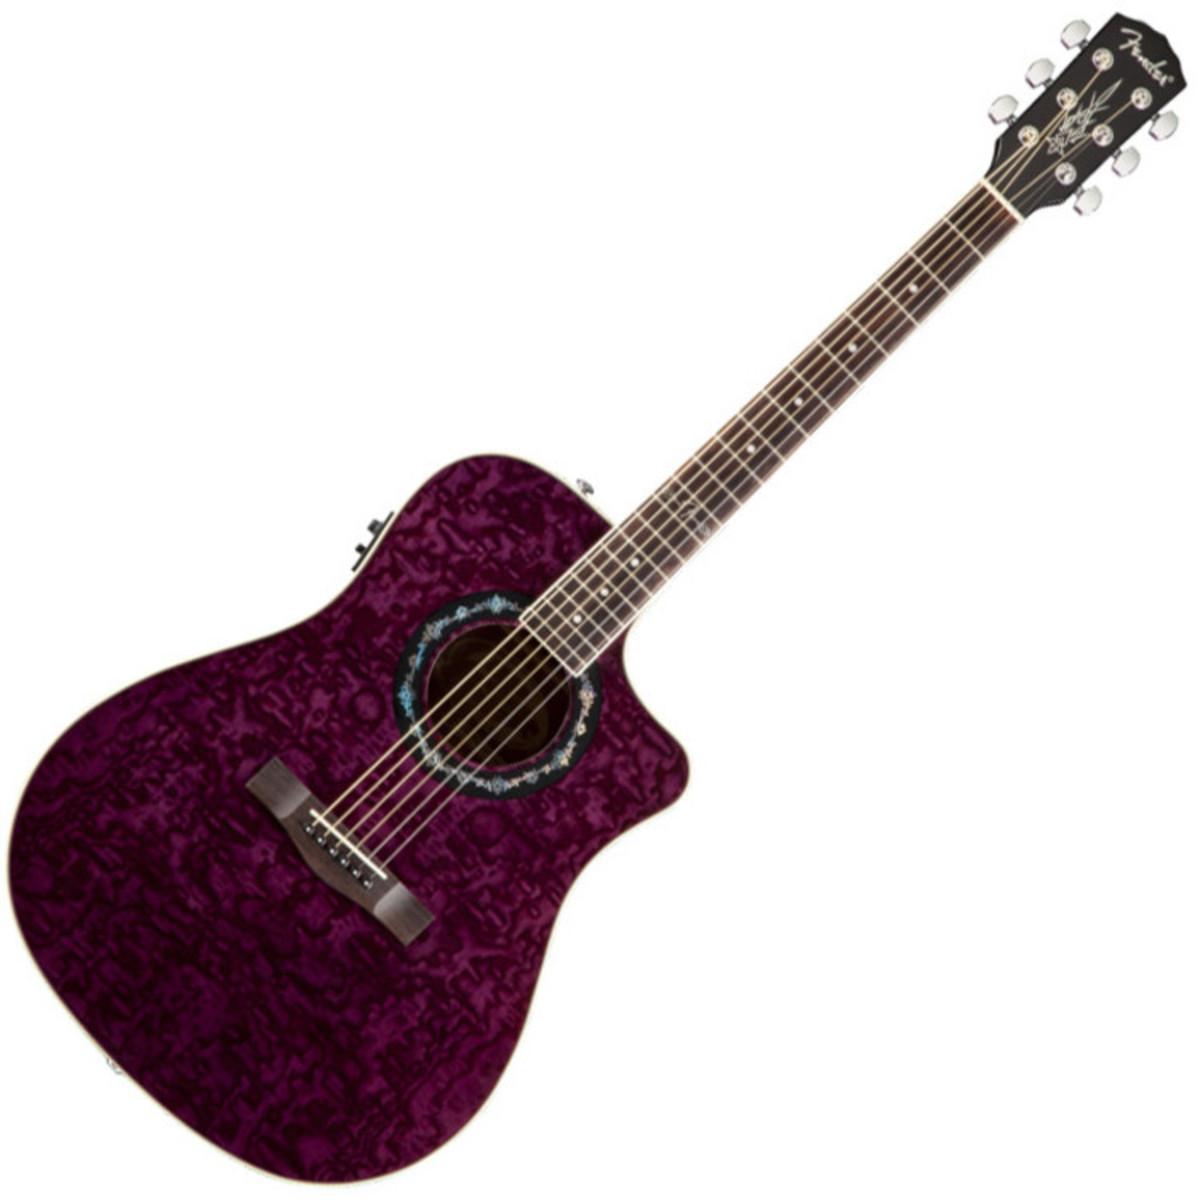 fender t bucket 300 ce electro acoustic guitar trans violet at. Black Bedroom Furniture Sets. Home Design Ideas